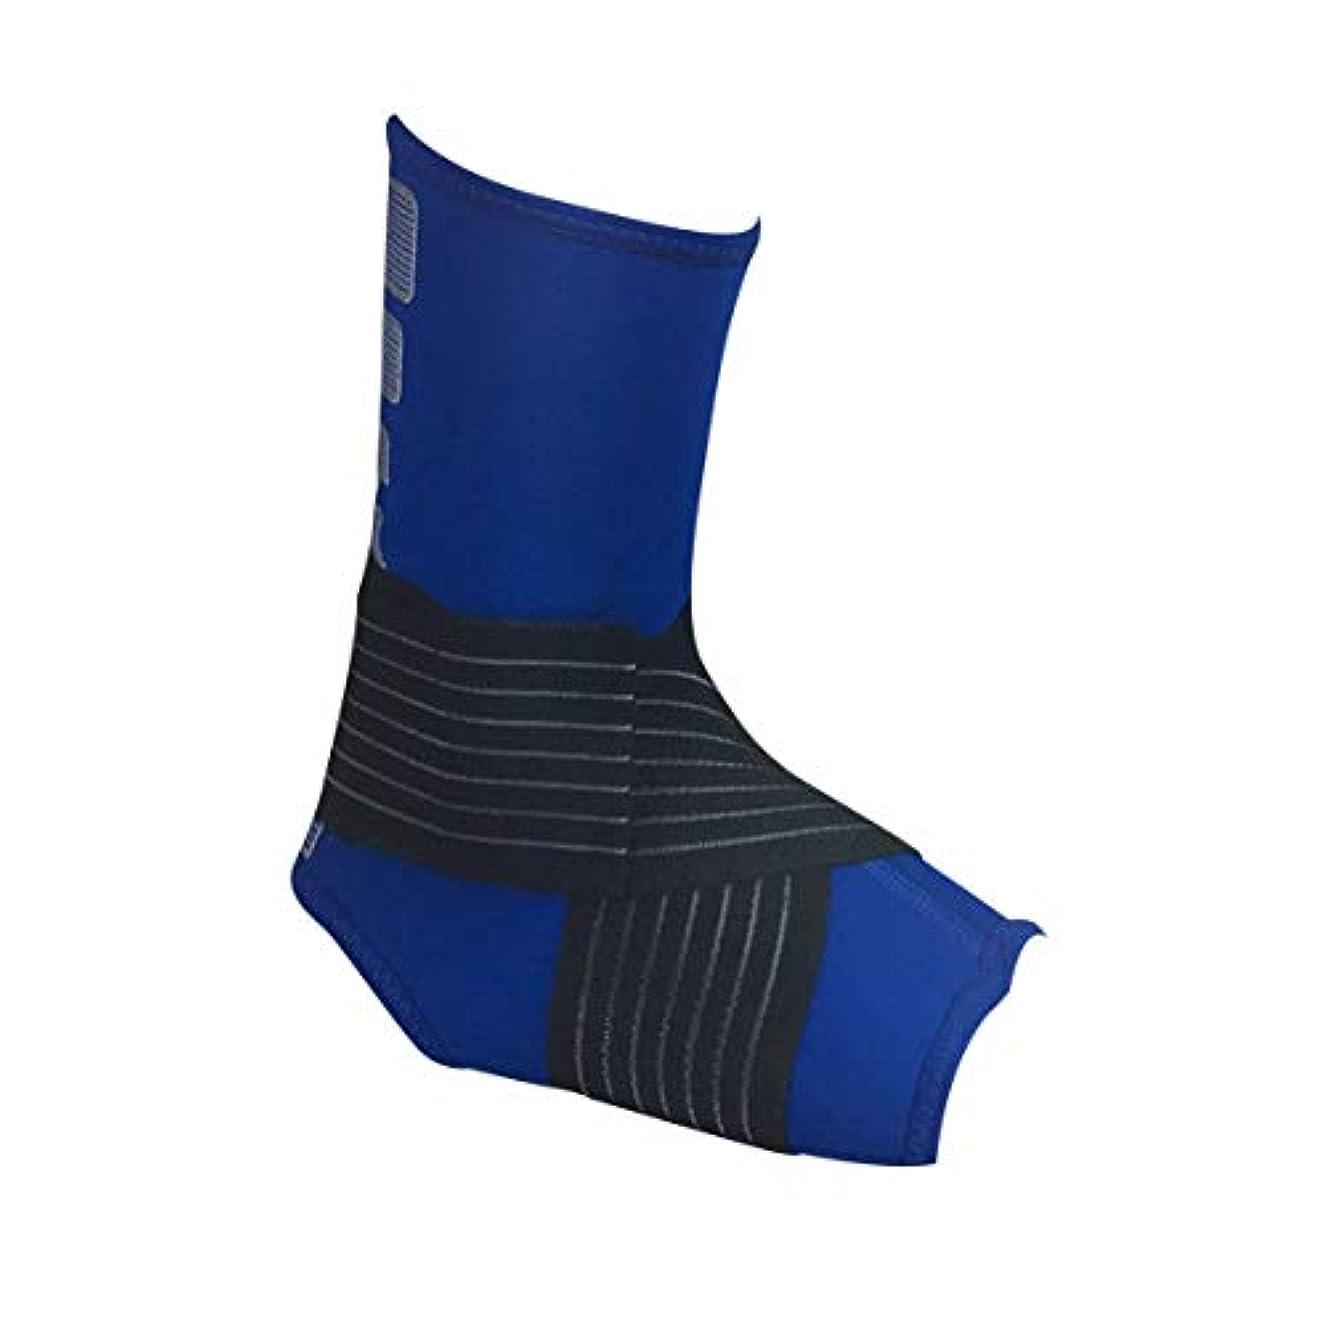 レスリング関数寸前足首フットパッド包帯ブレースサポート保護足首ガードパッド快適な足首袖ランニングフィットネスサイクリング